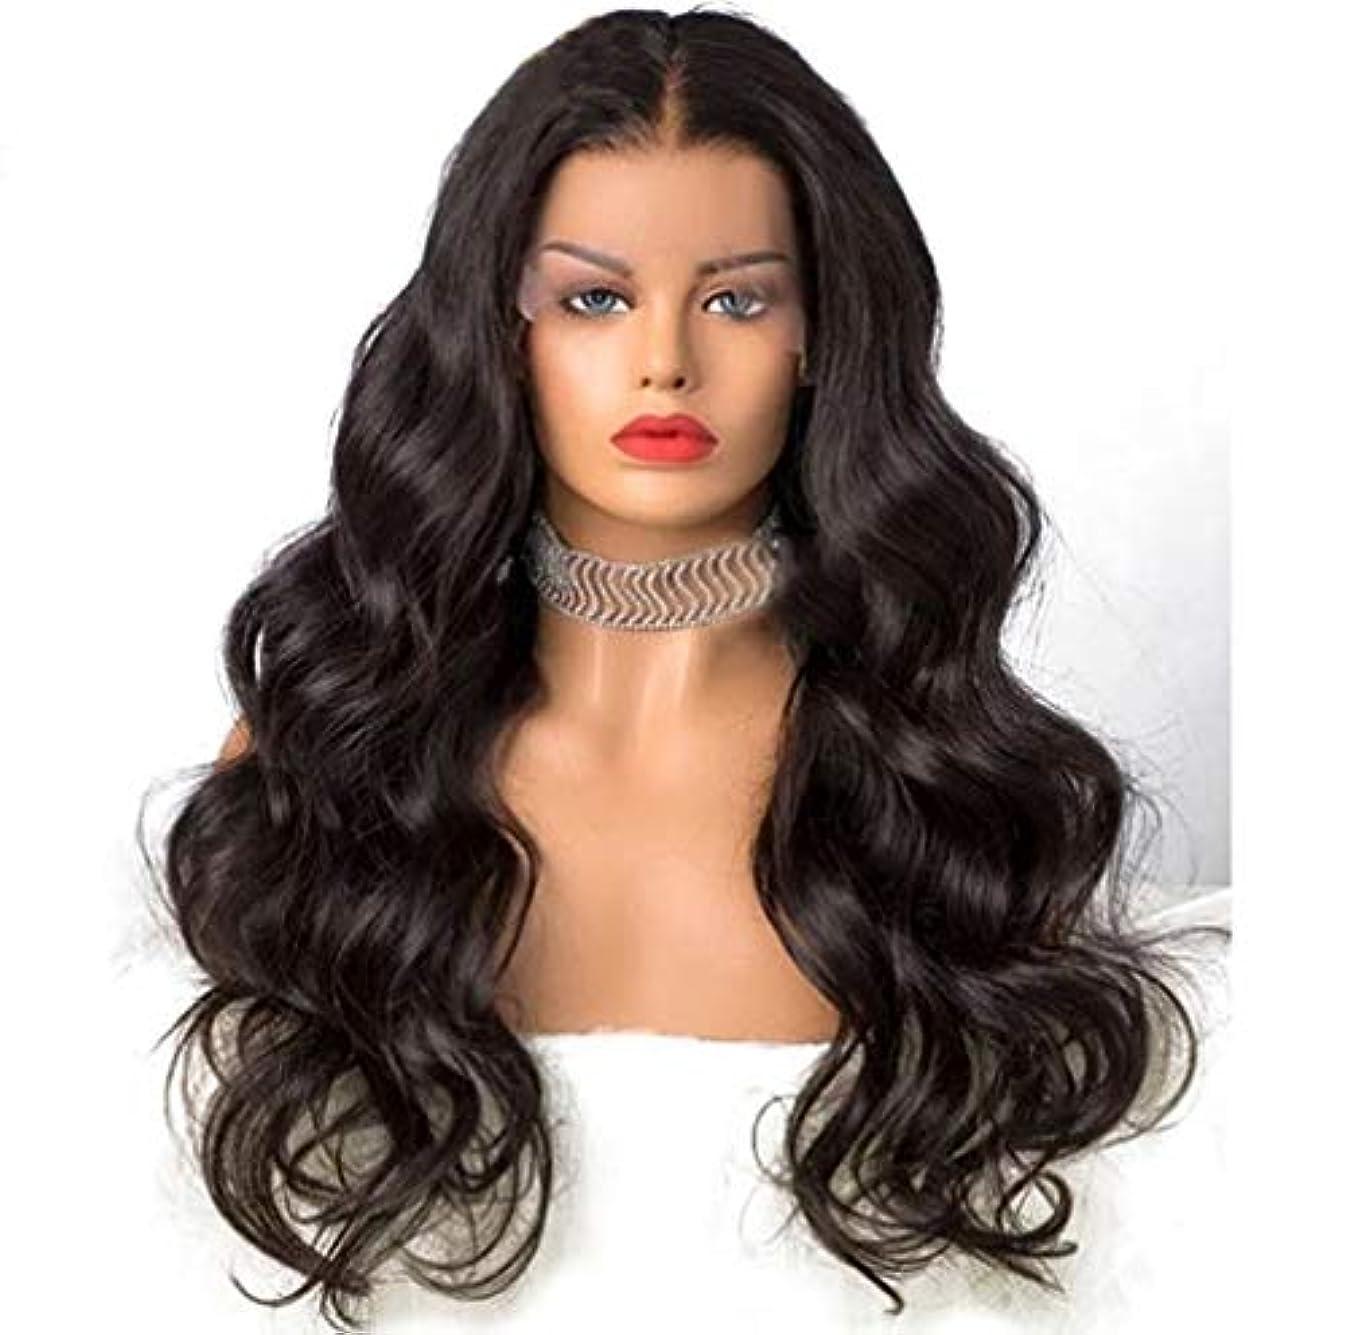 バンケット手書き嫌な女性かつら150%密度フロントレース耐熱合成長い巻き毛かつら人工毛側部かつら